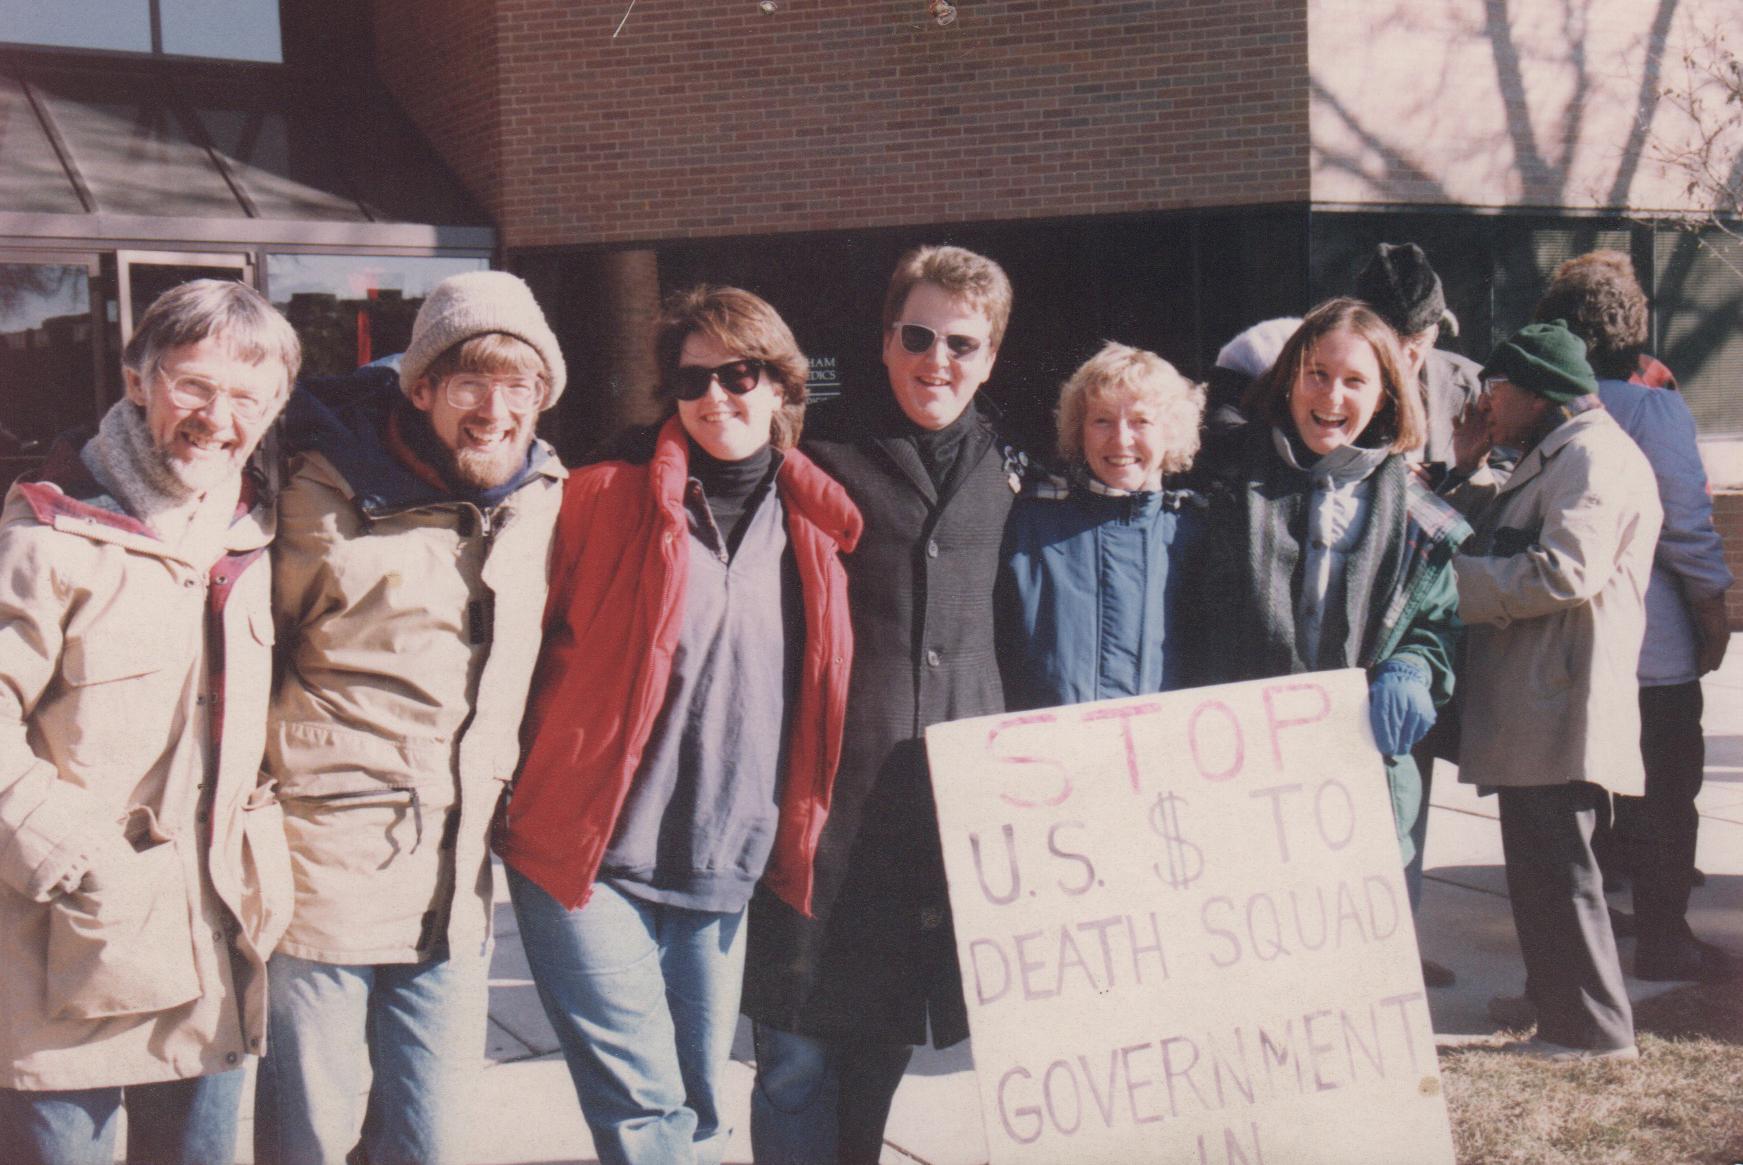 Protesting US aid to death squads in Central America. Doug Lent, Tom Lent, Elizabeth Loring, William Loring, Pat Lent, Martha Crusius. 1980s.